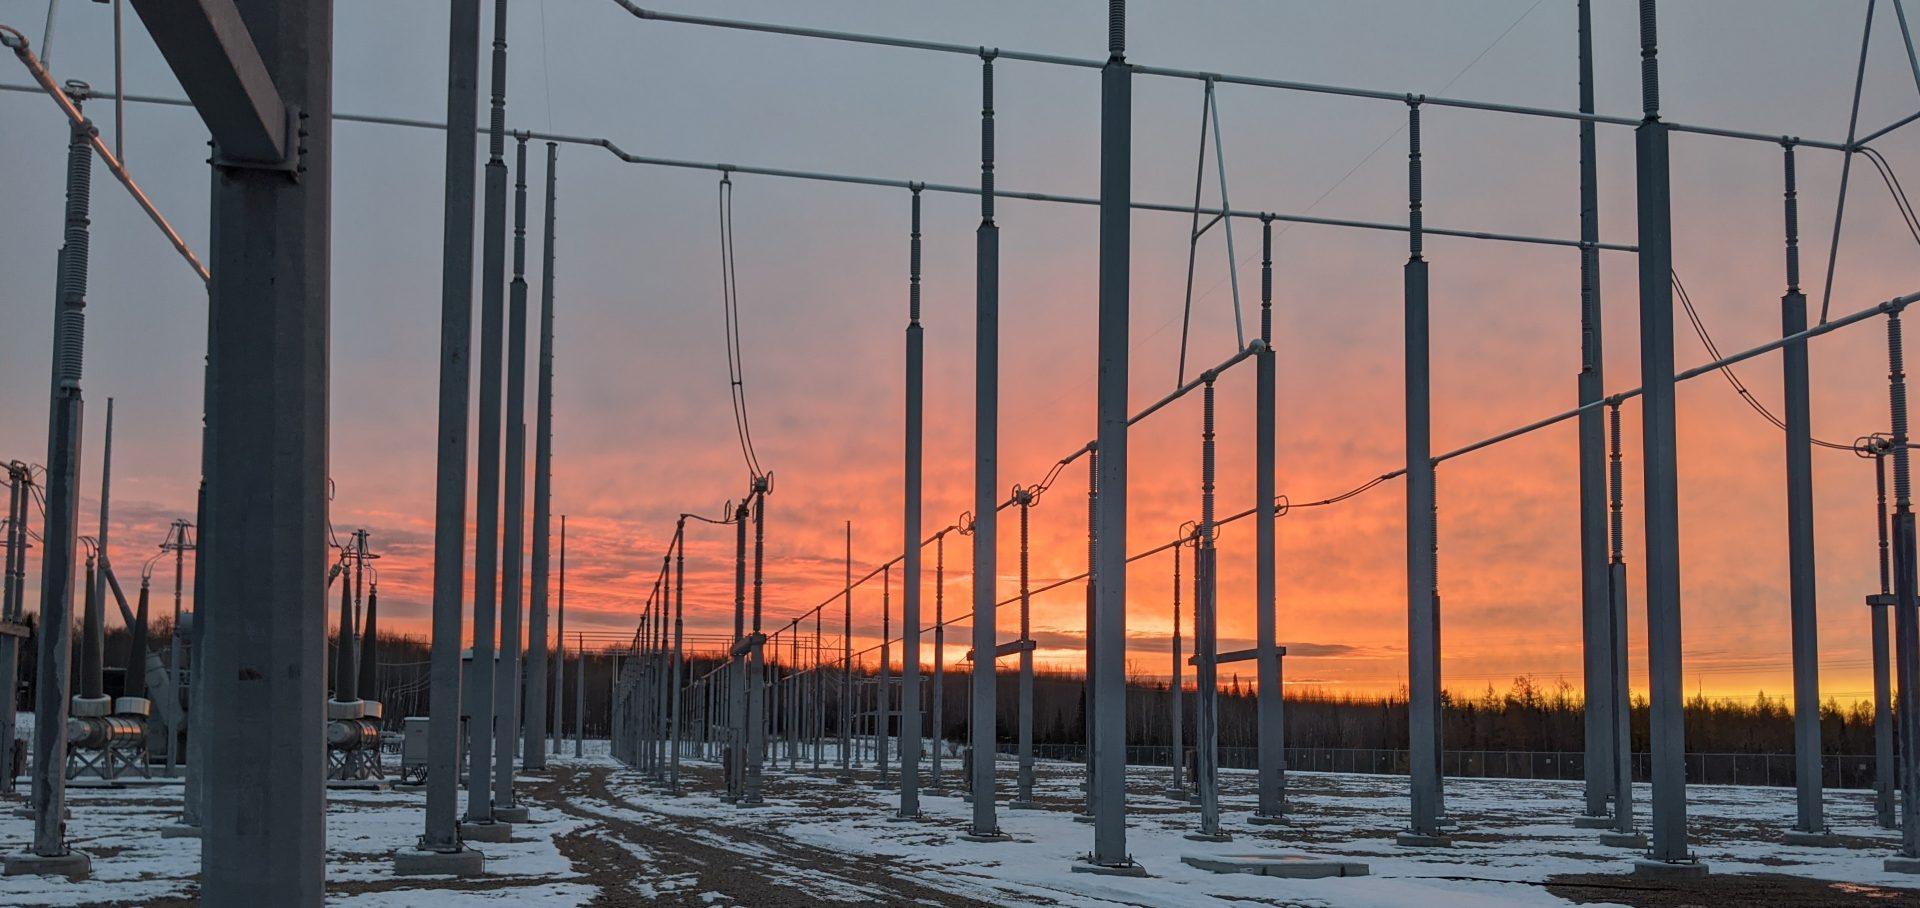 Transmission Substation at Sunrise